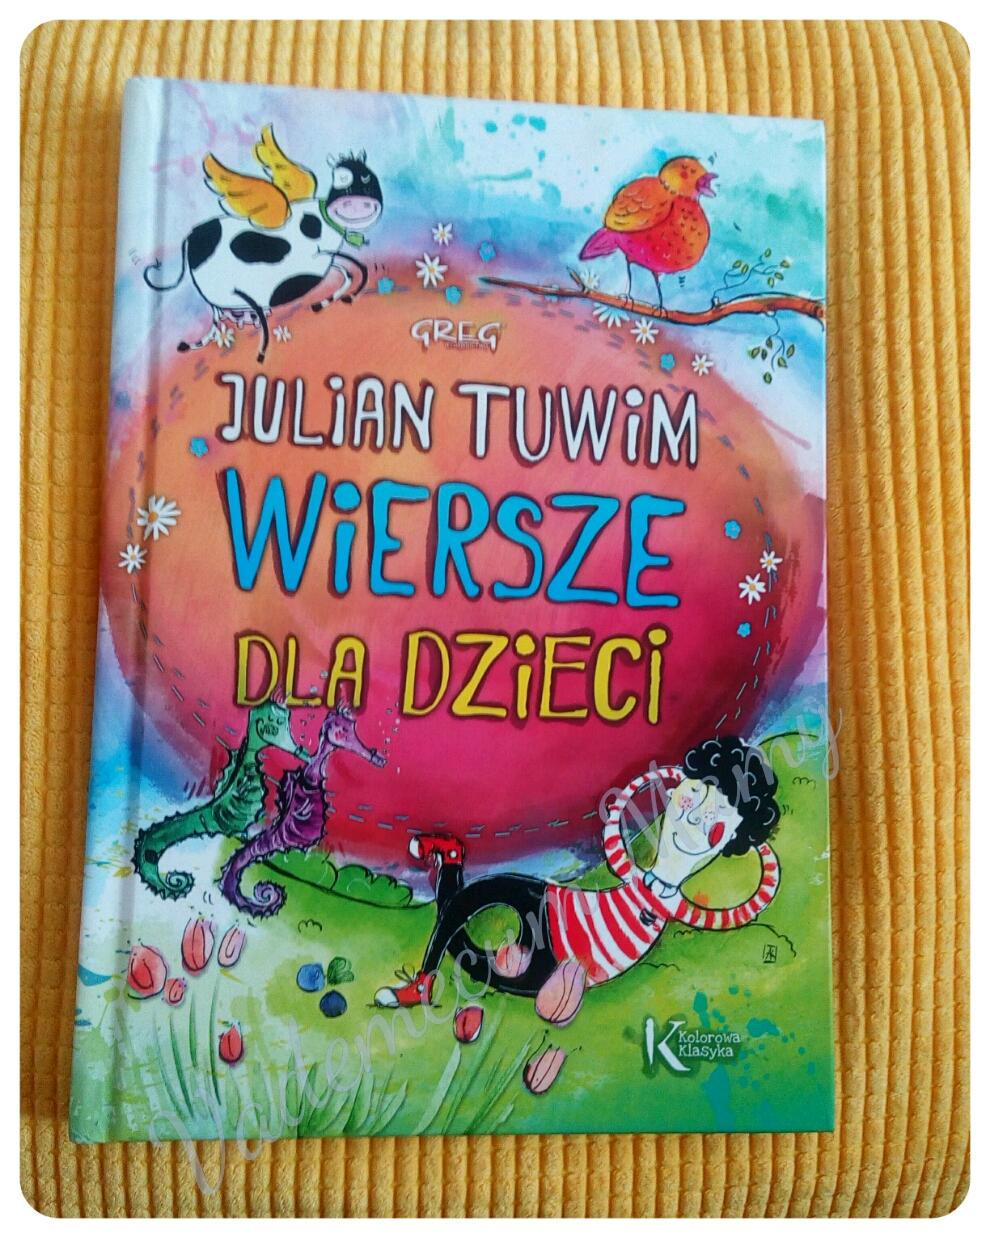 Wiersze Dla Dzieci Juliana Tuwima Wydawnictwo Greg